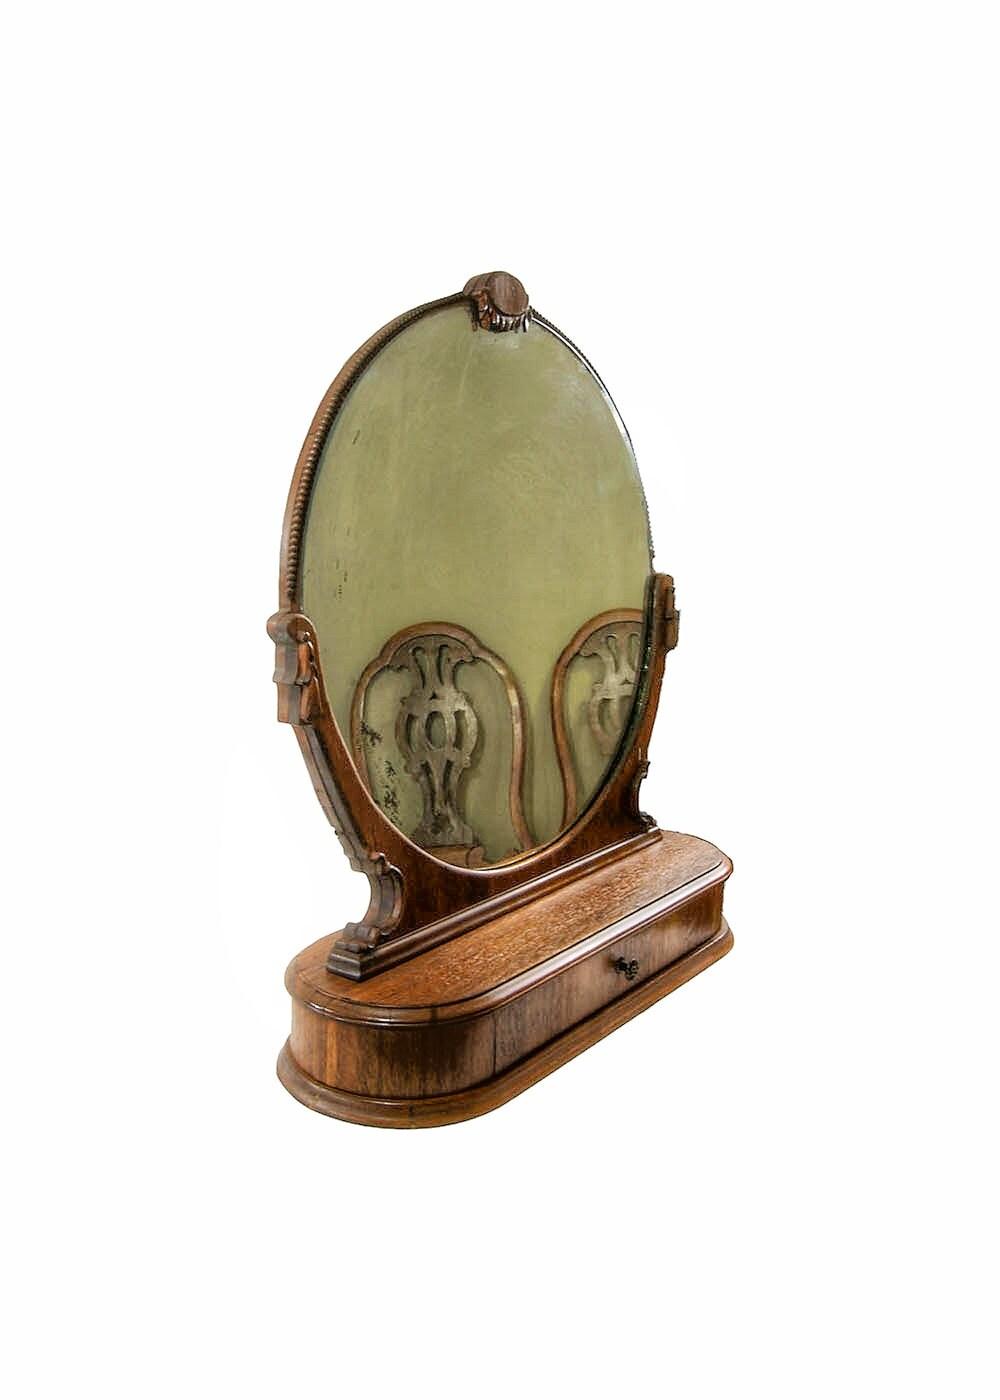 antique vanity dresser mirror with drawer. Black Bedroom Furniture Sets. Home Design Ideas